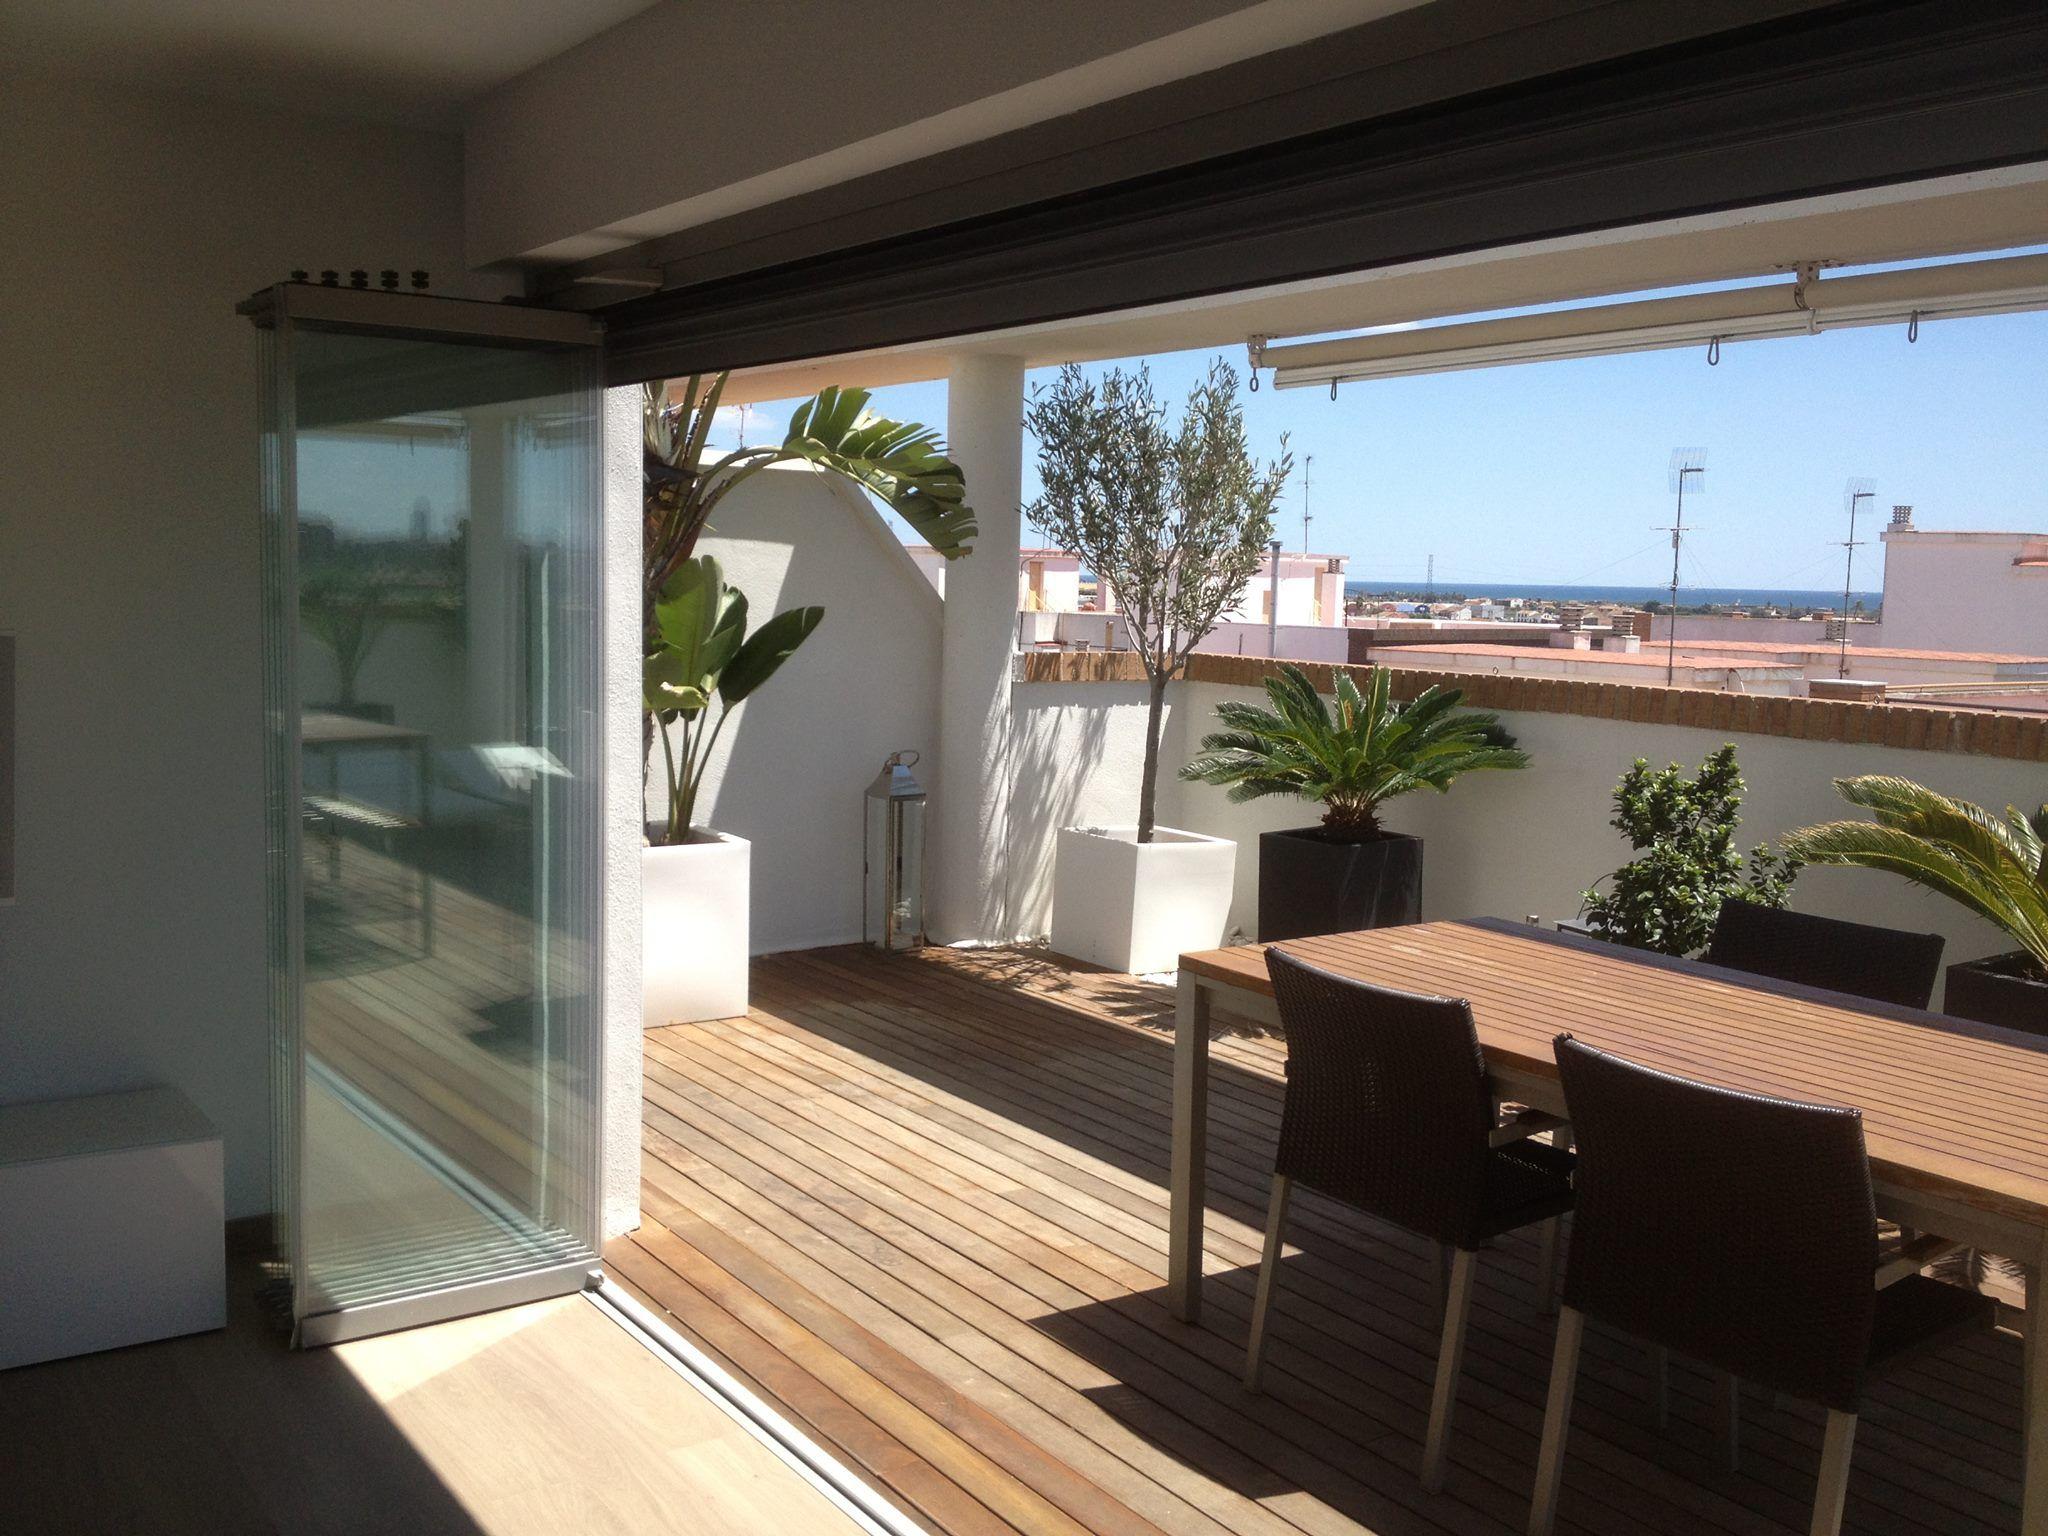 Cerramiento de terraza plegable cortina de cristal old stones cerramientos pinterest - Cerramientos plegables de vidrio ...